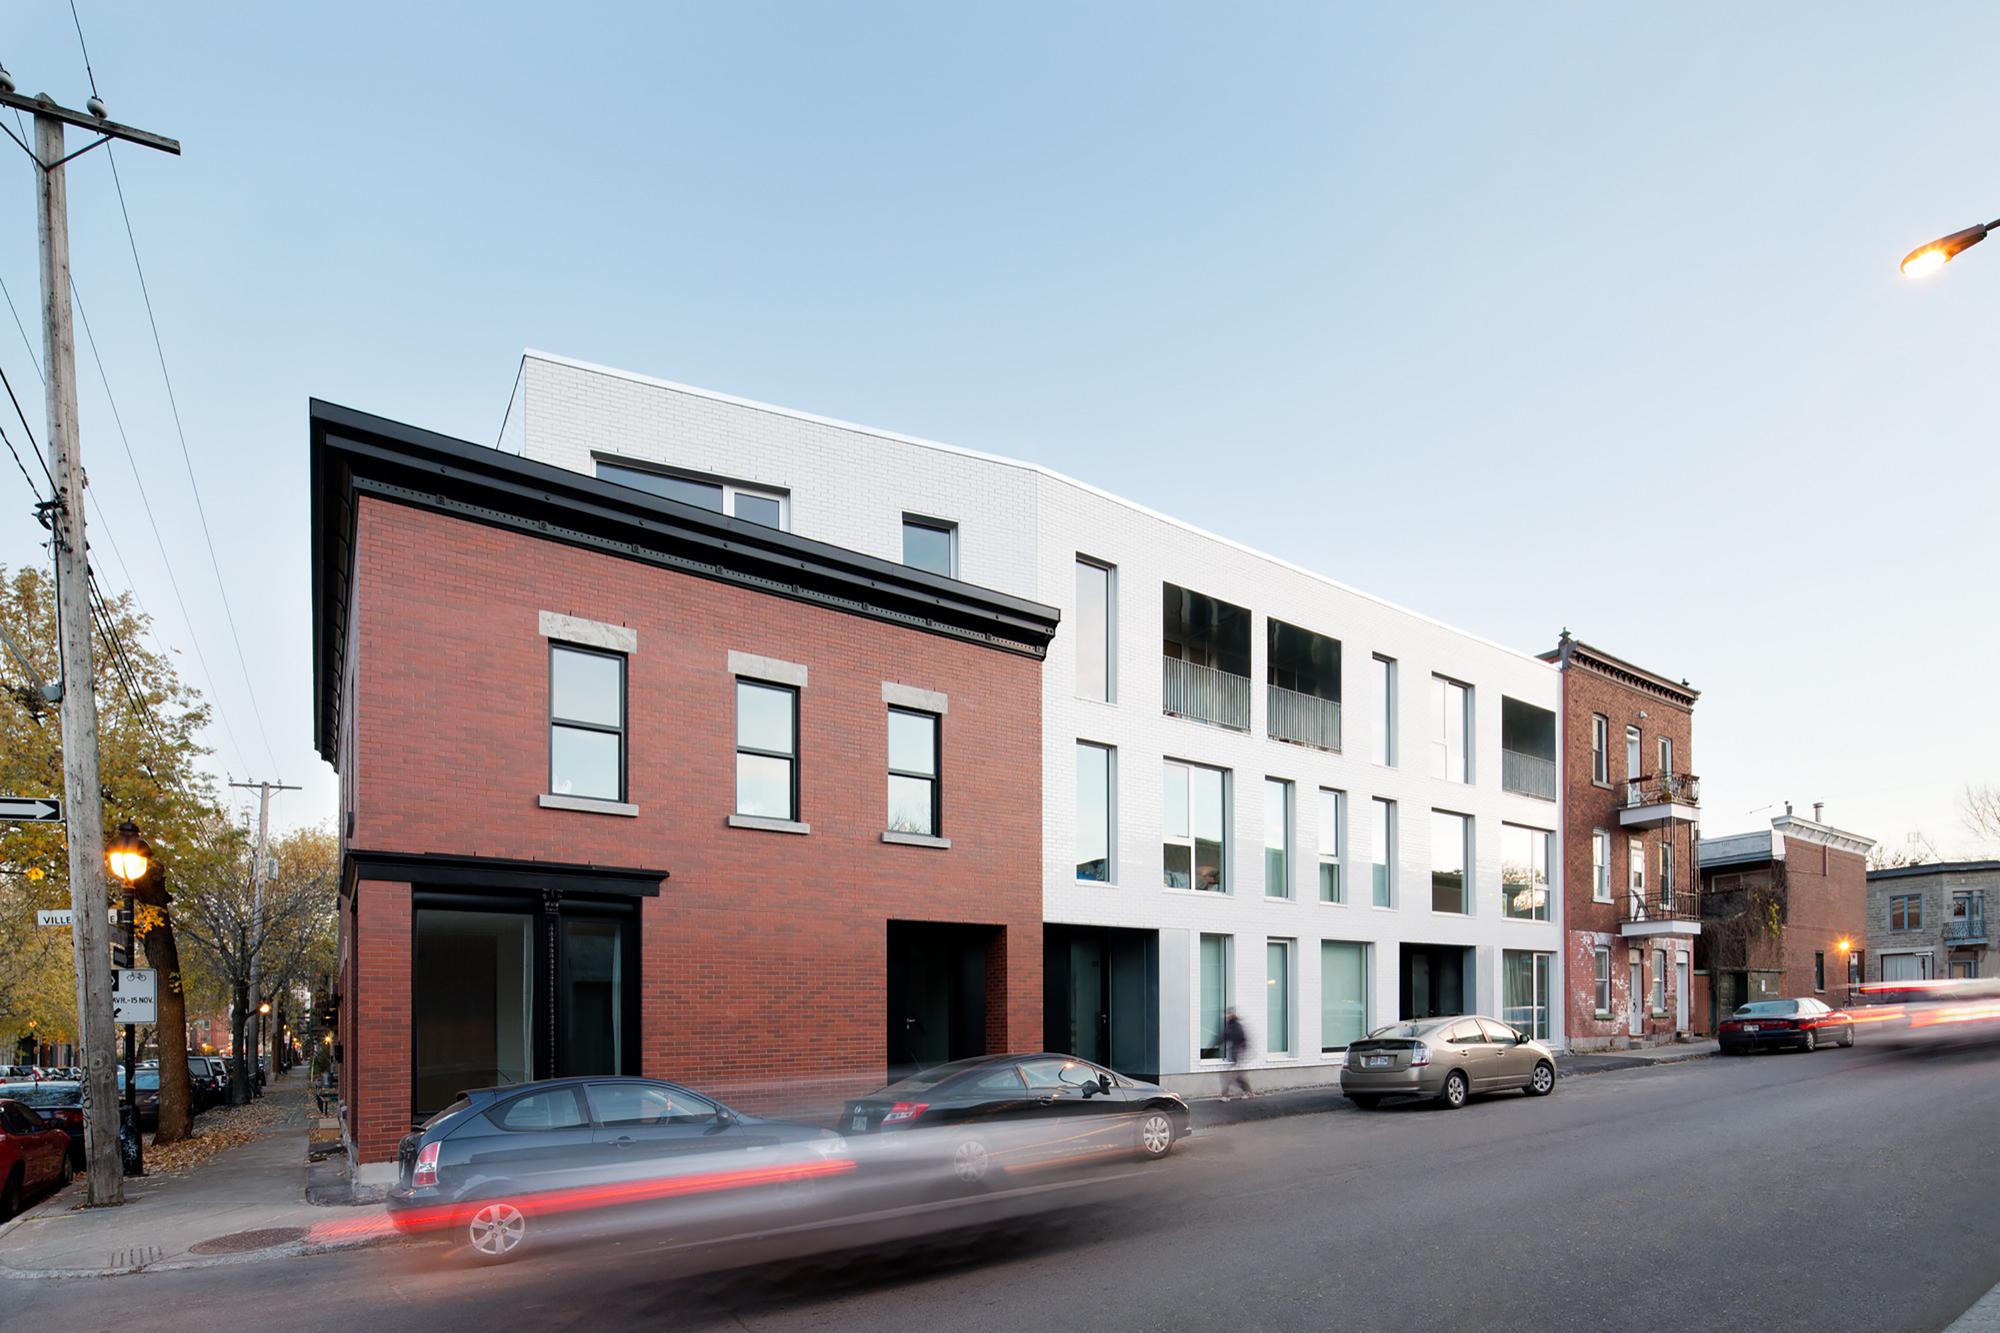 Residencia h tel de ville acdf architecture archdaily for Hotel de ville de londres architecture